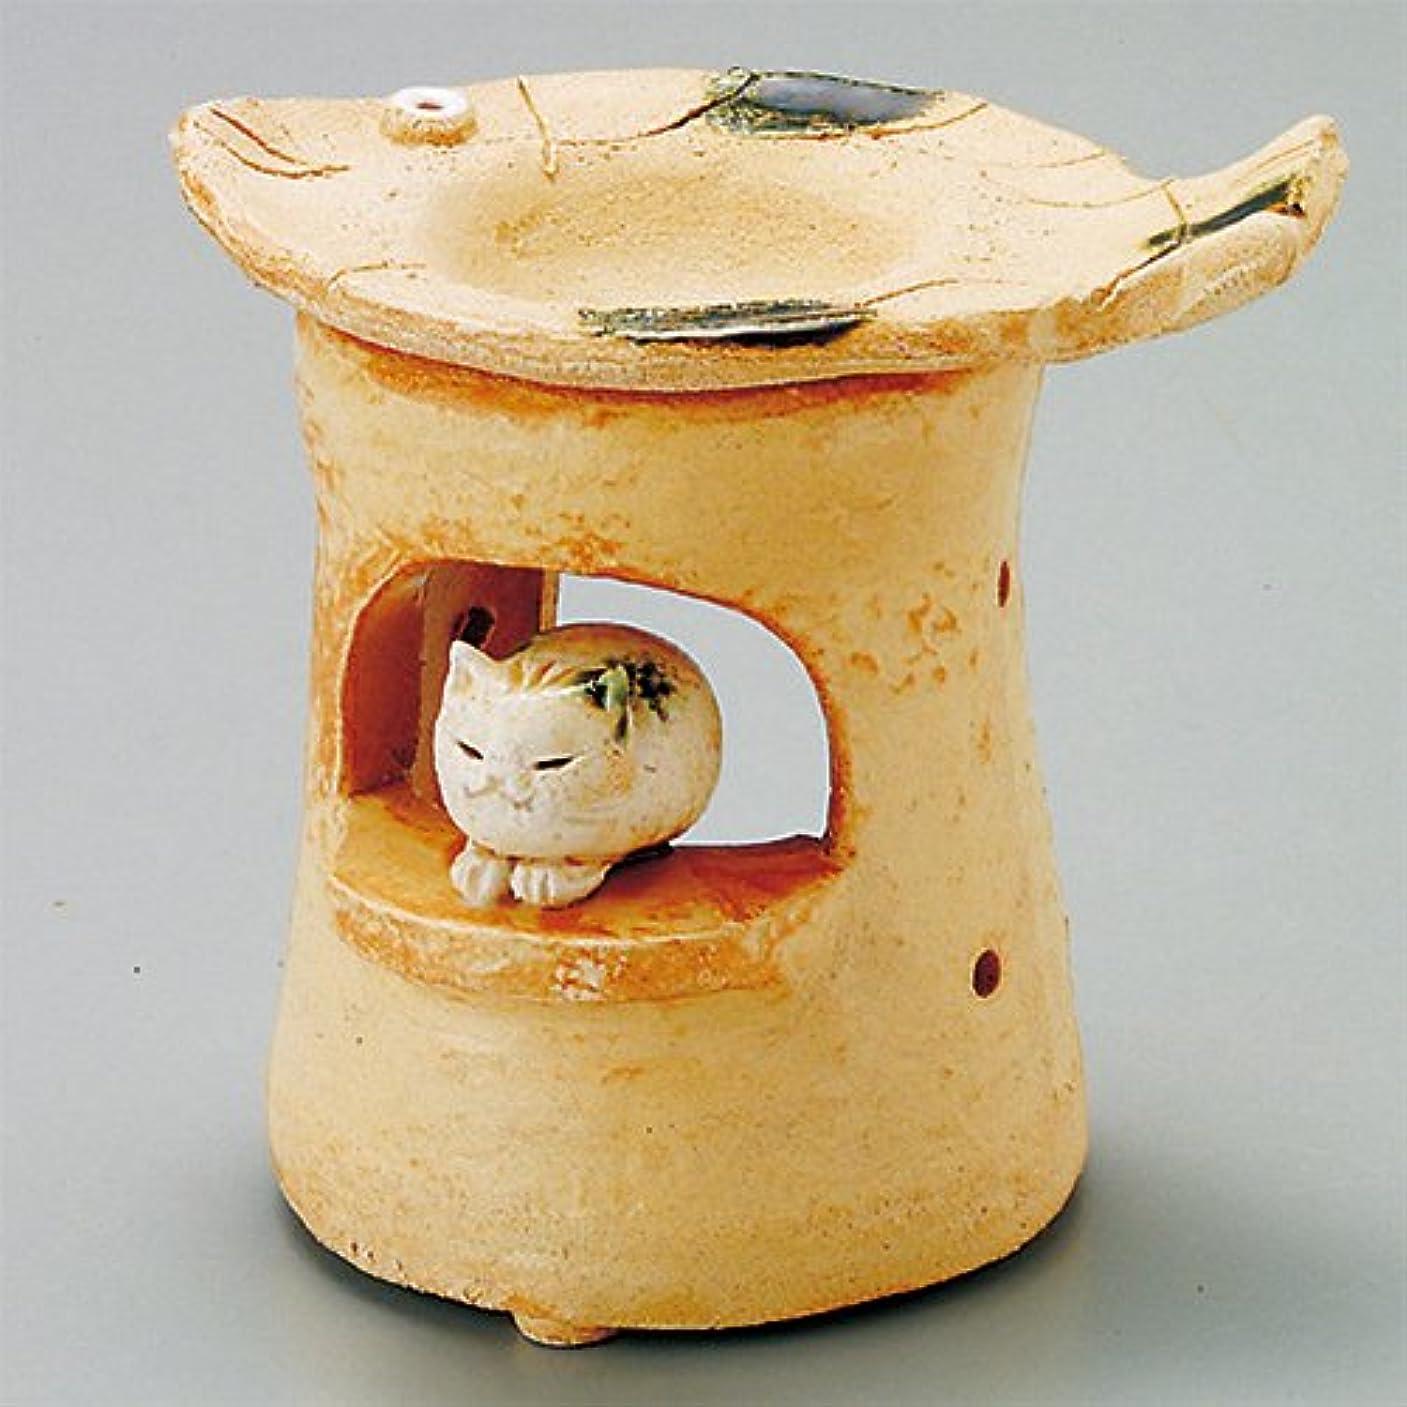 伝導率確かな余裕がある島ねこ 島ねこ 茶香炉 [12x8.5xH11.5cm] HANDMADE プレゼント ギフト 和食器 かわいい インテリア